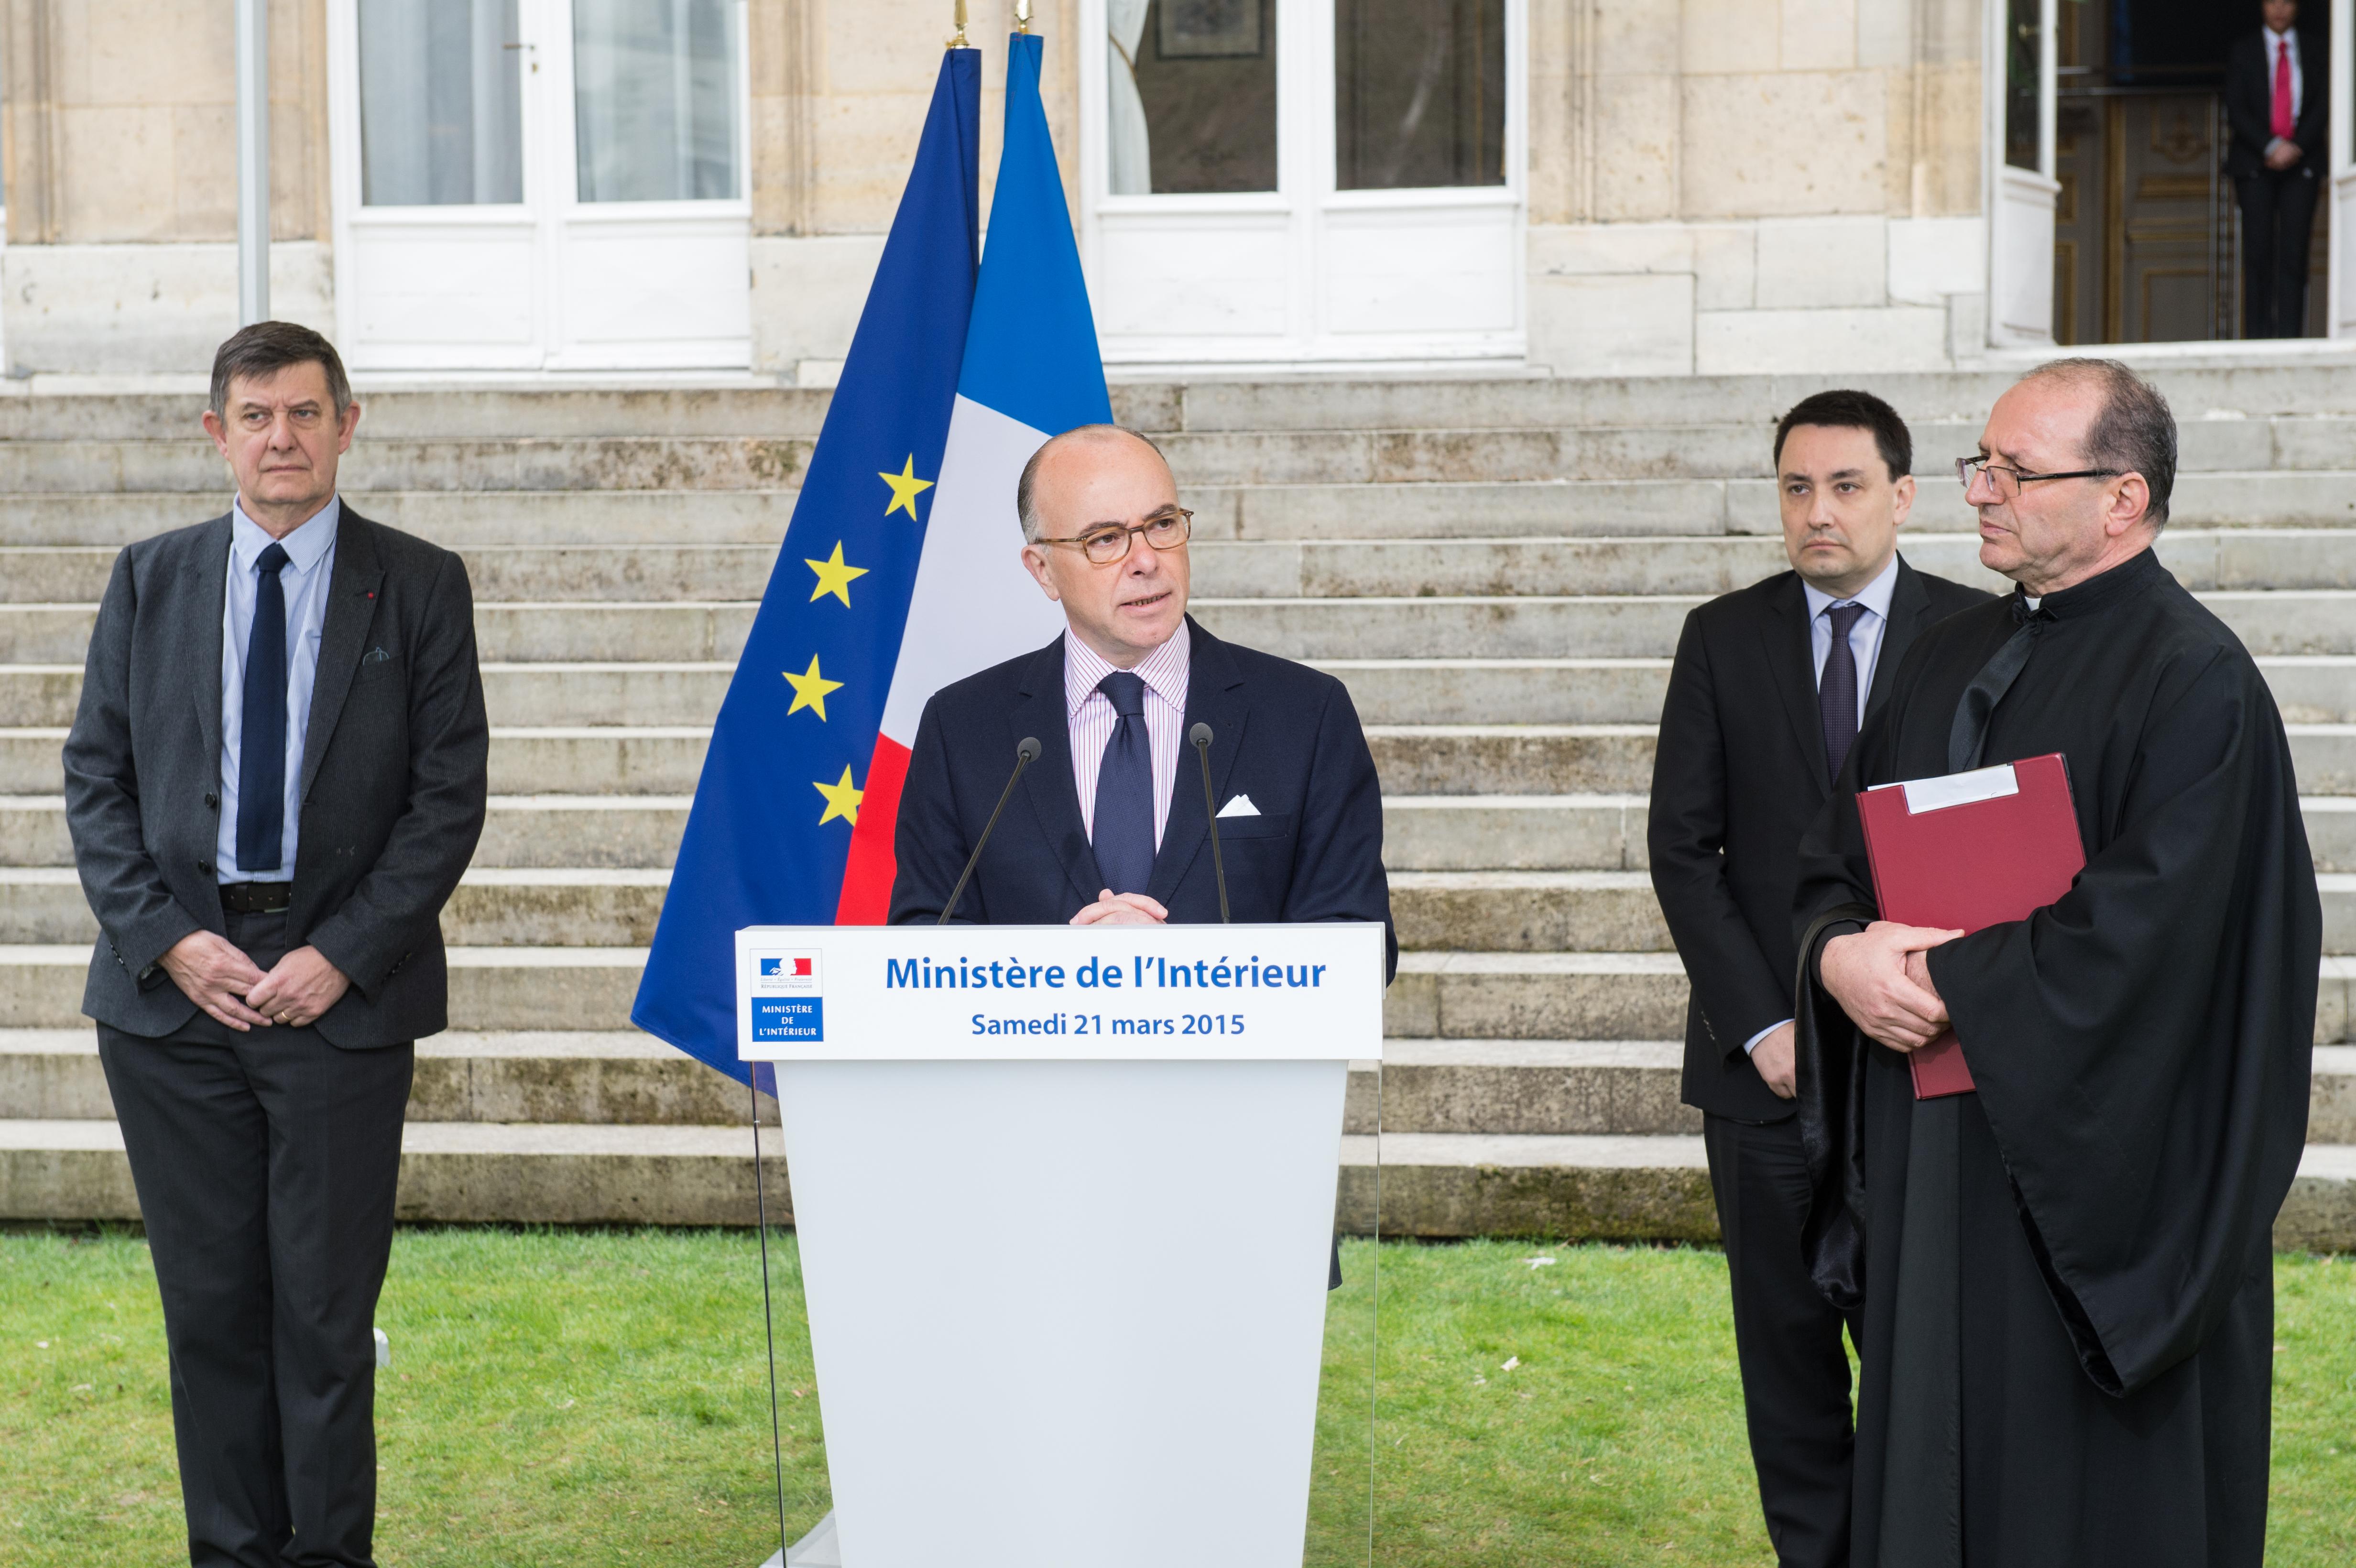 Accueil des familles de chr tiens d 39 orient en france for Elections interieur gouv fr